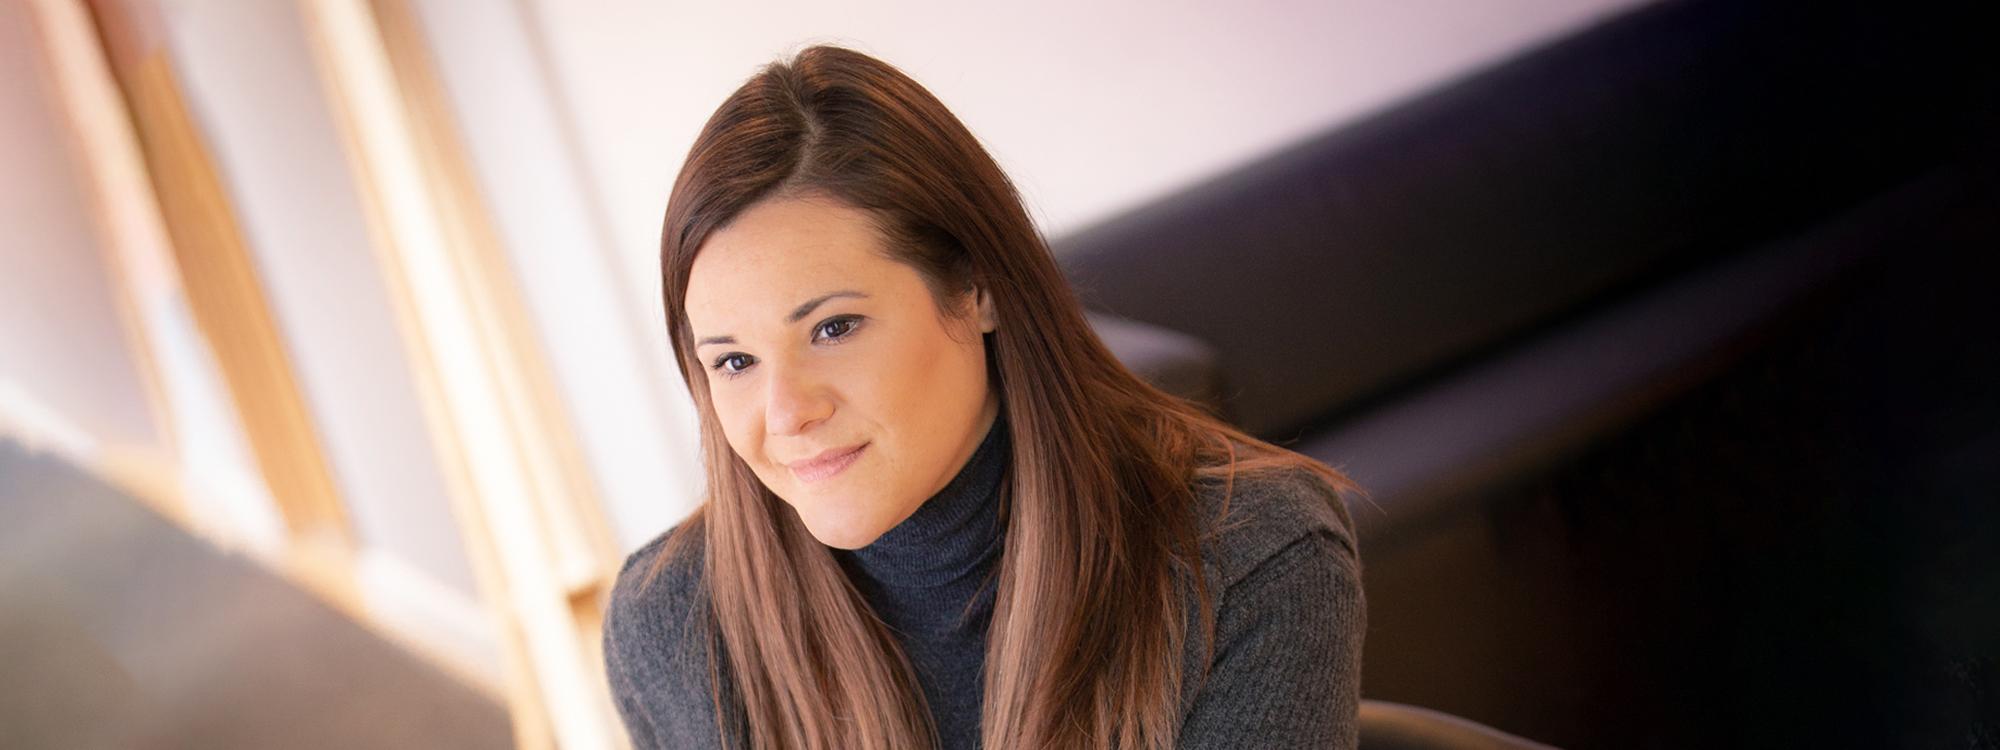 Natalie Potts: I began with the end in mind